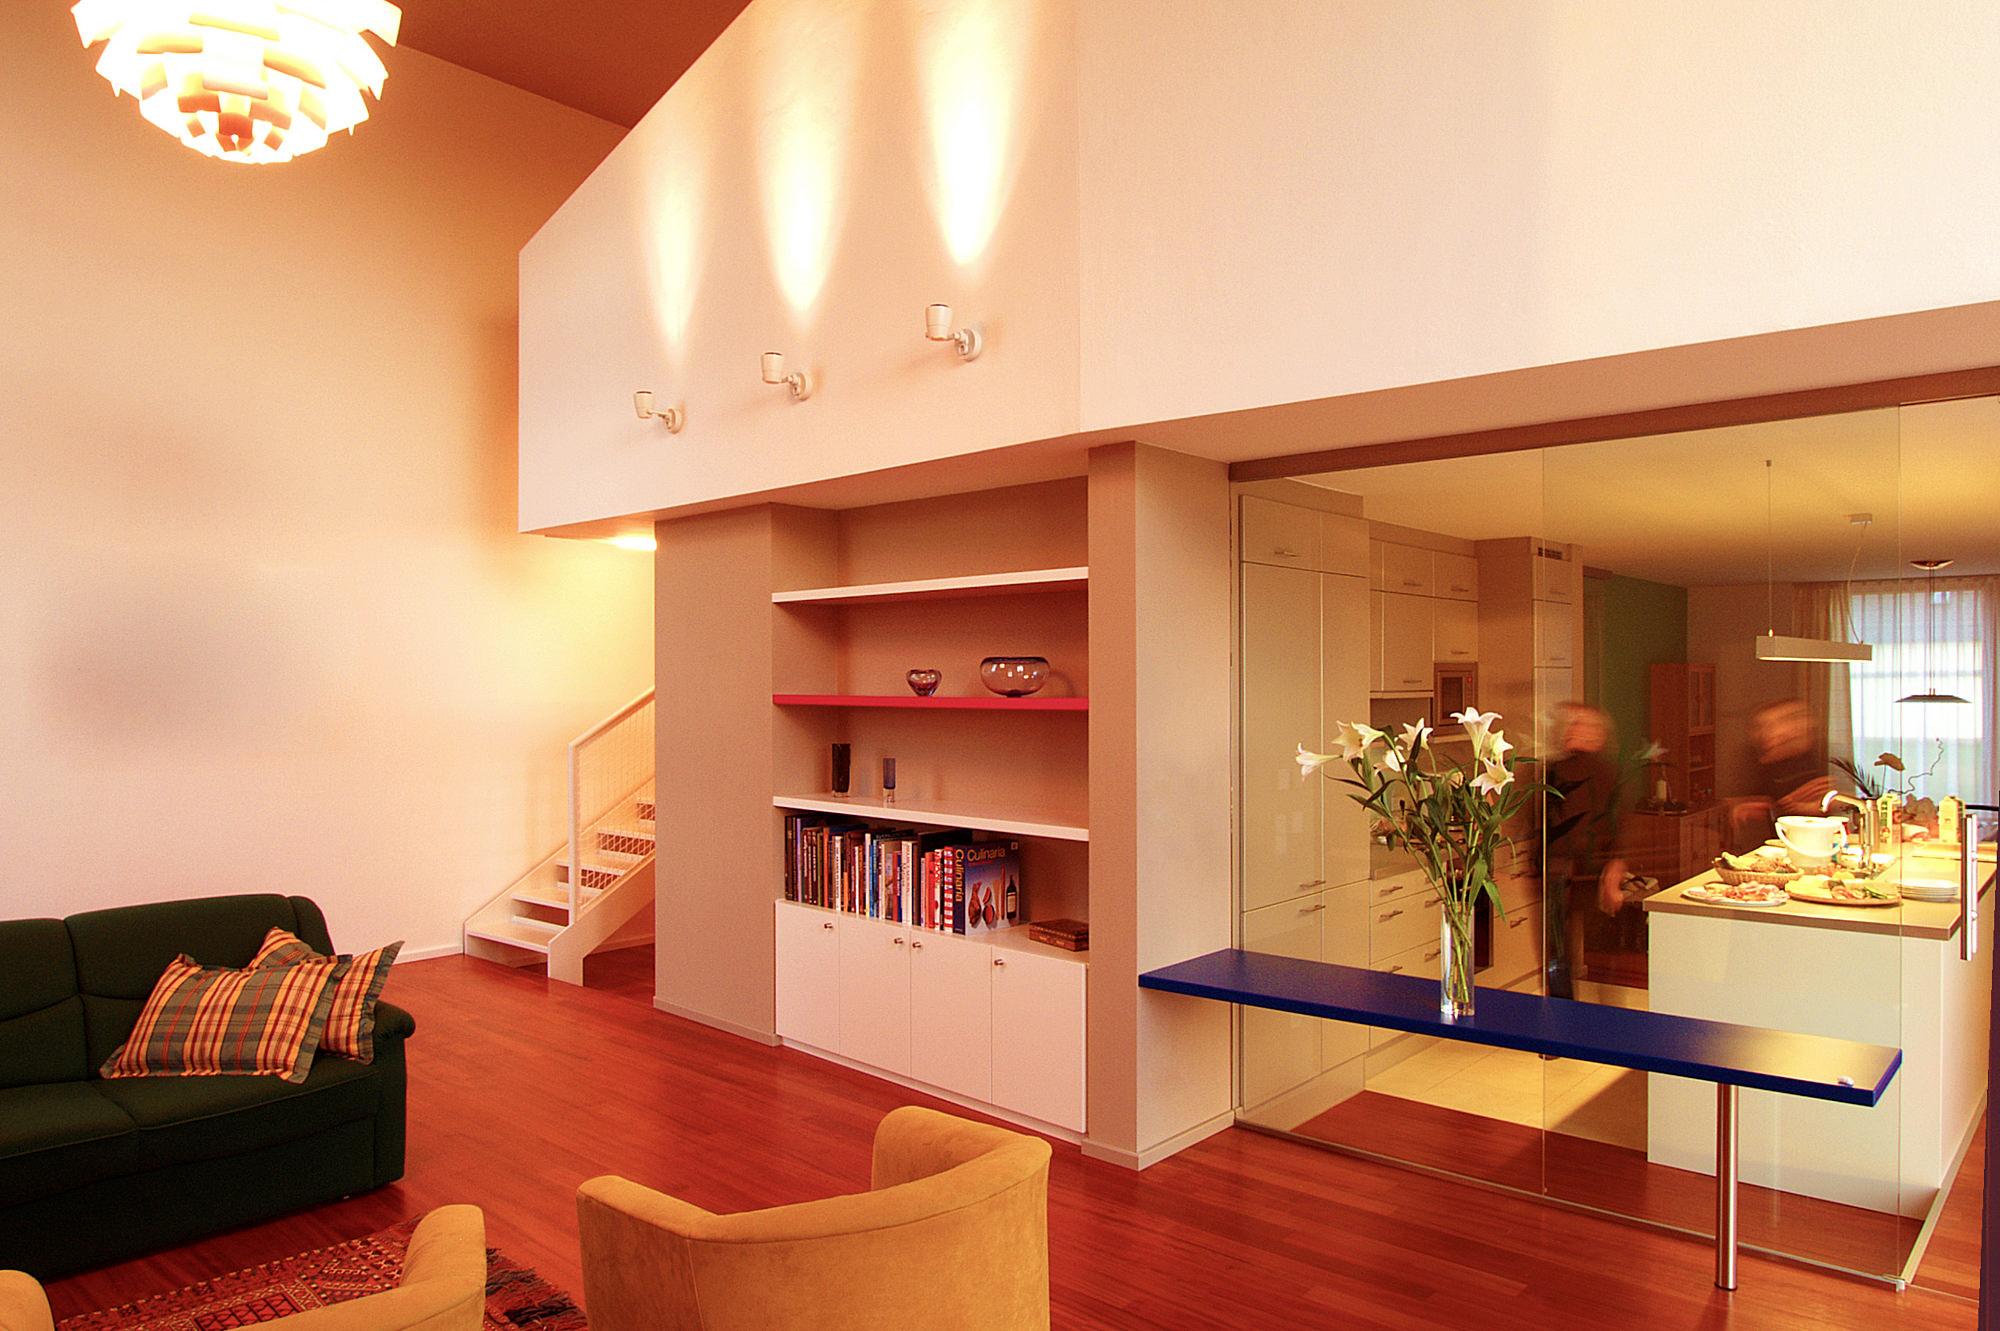 haus kv 03 einfamilienhaus niedrigenergiehaus st poelten niederoesterreich junger beer architektur